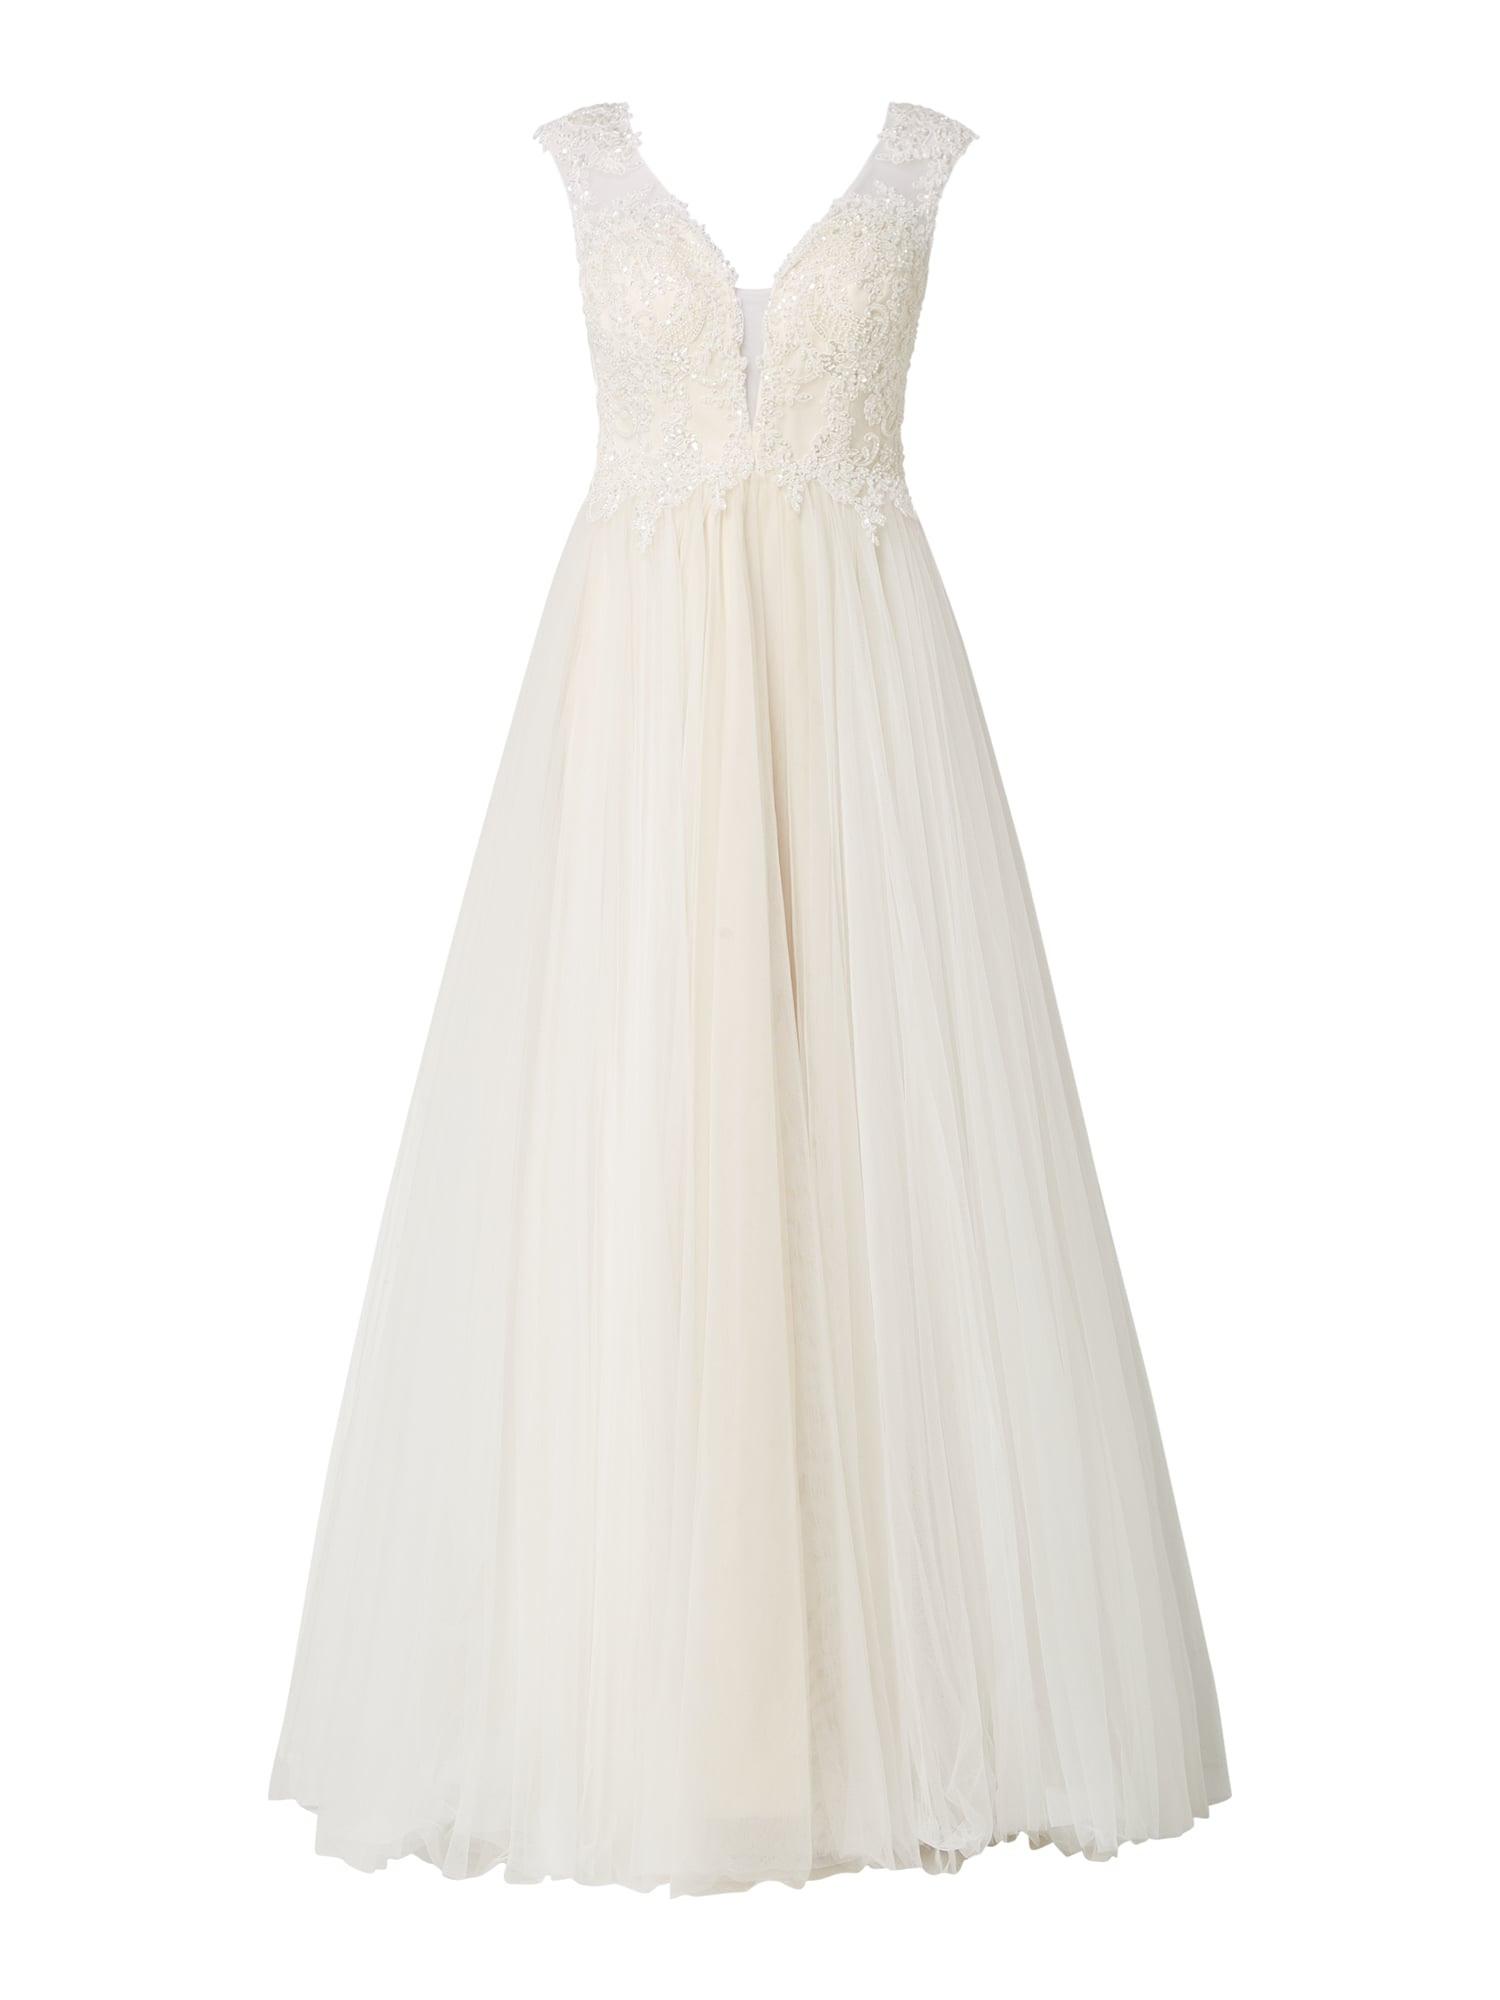 Luxuar Brautkleid Aus Mesh Mit Zierperlenbesatz In Weiß Online Kaufen  (1020516) ▷ P&c Online Shop